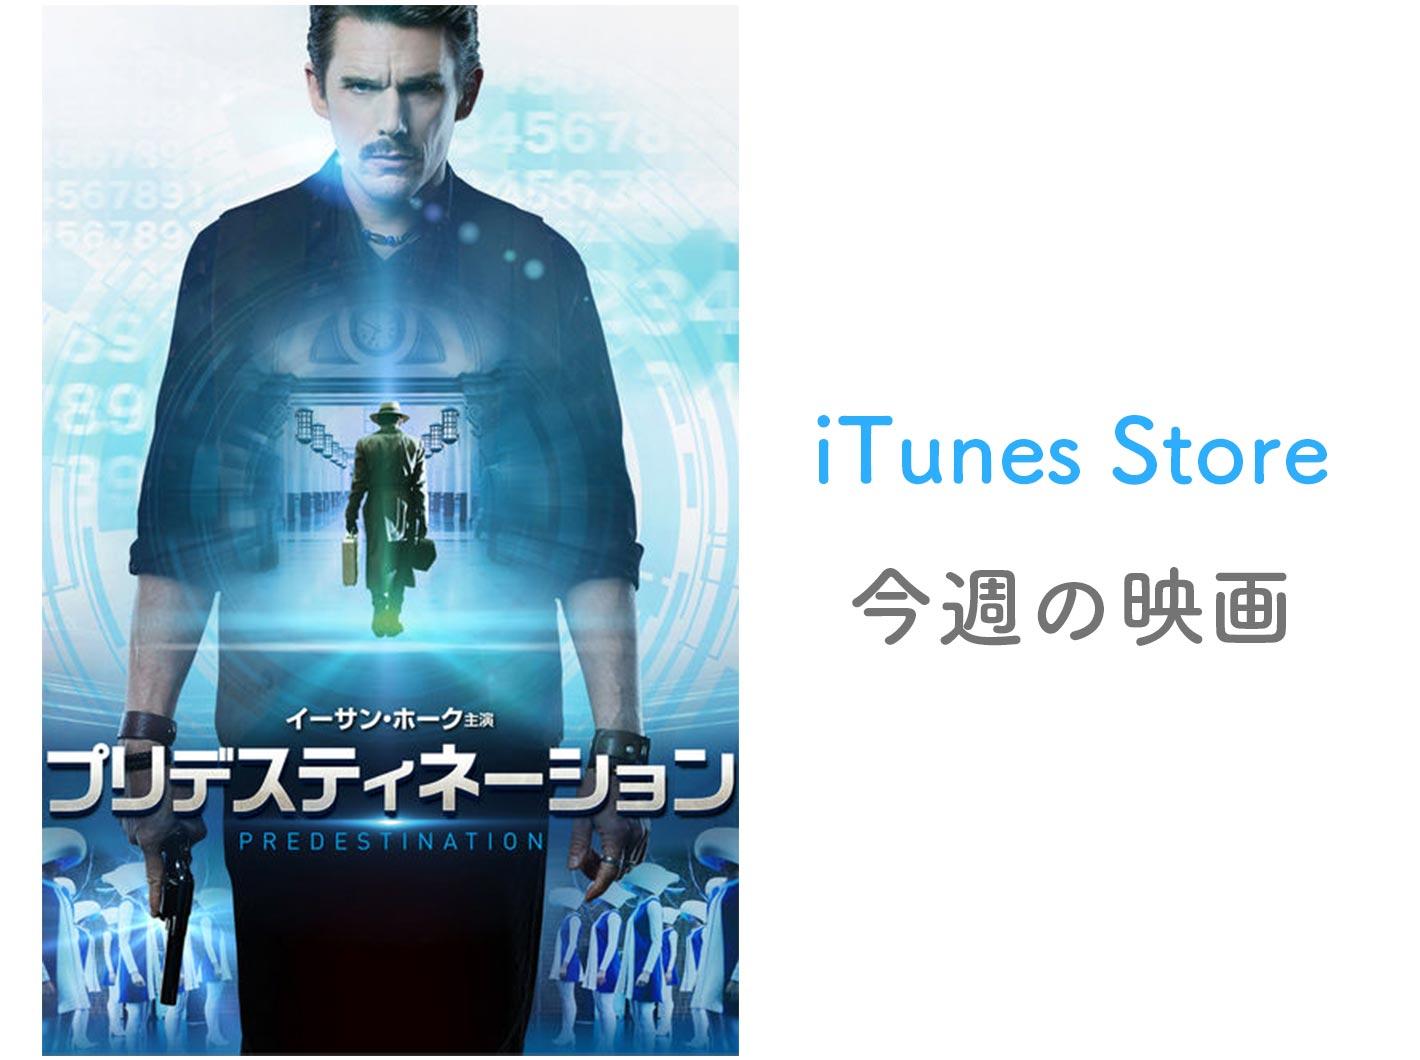 【レンタル100円】iTunes Store、「今週の映画」として「プリデスティネーション」をピックアップ